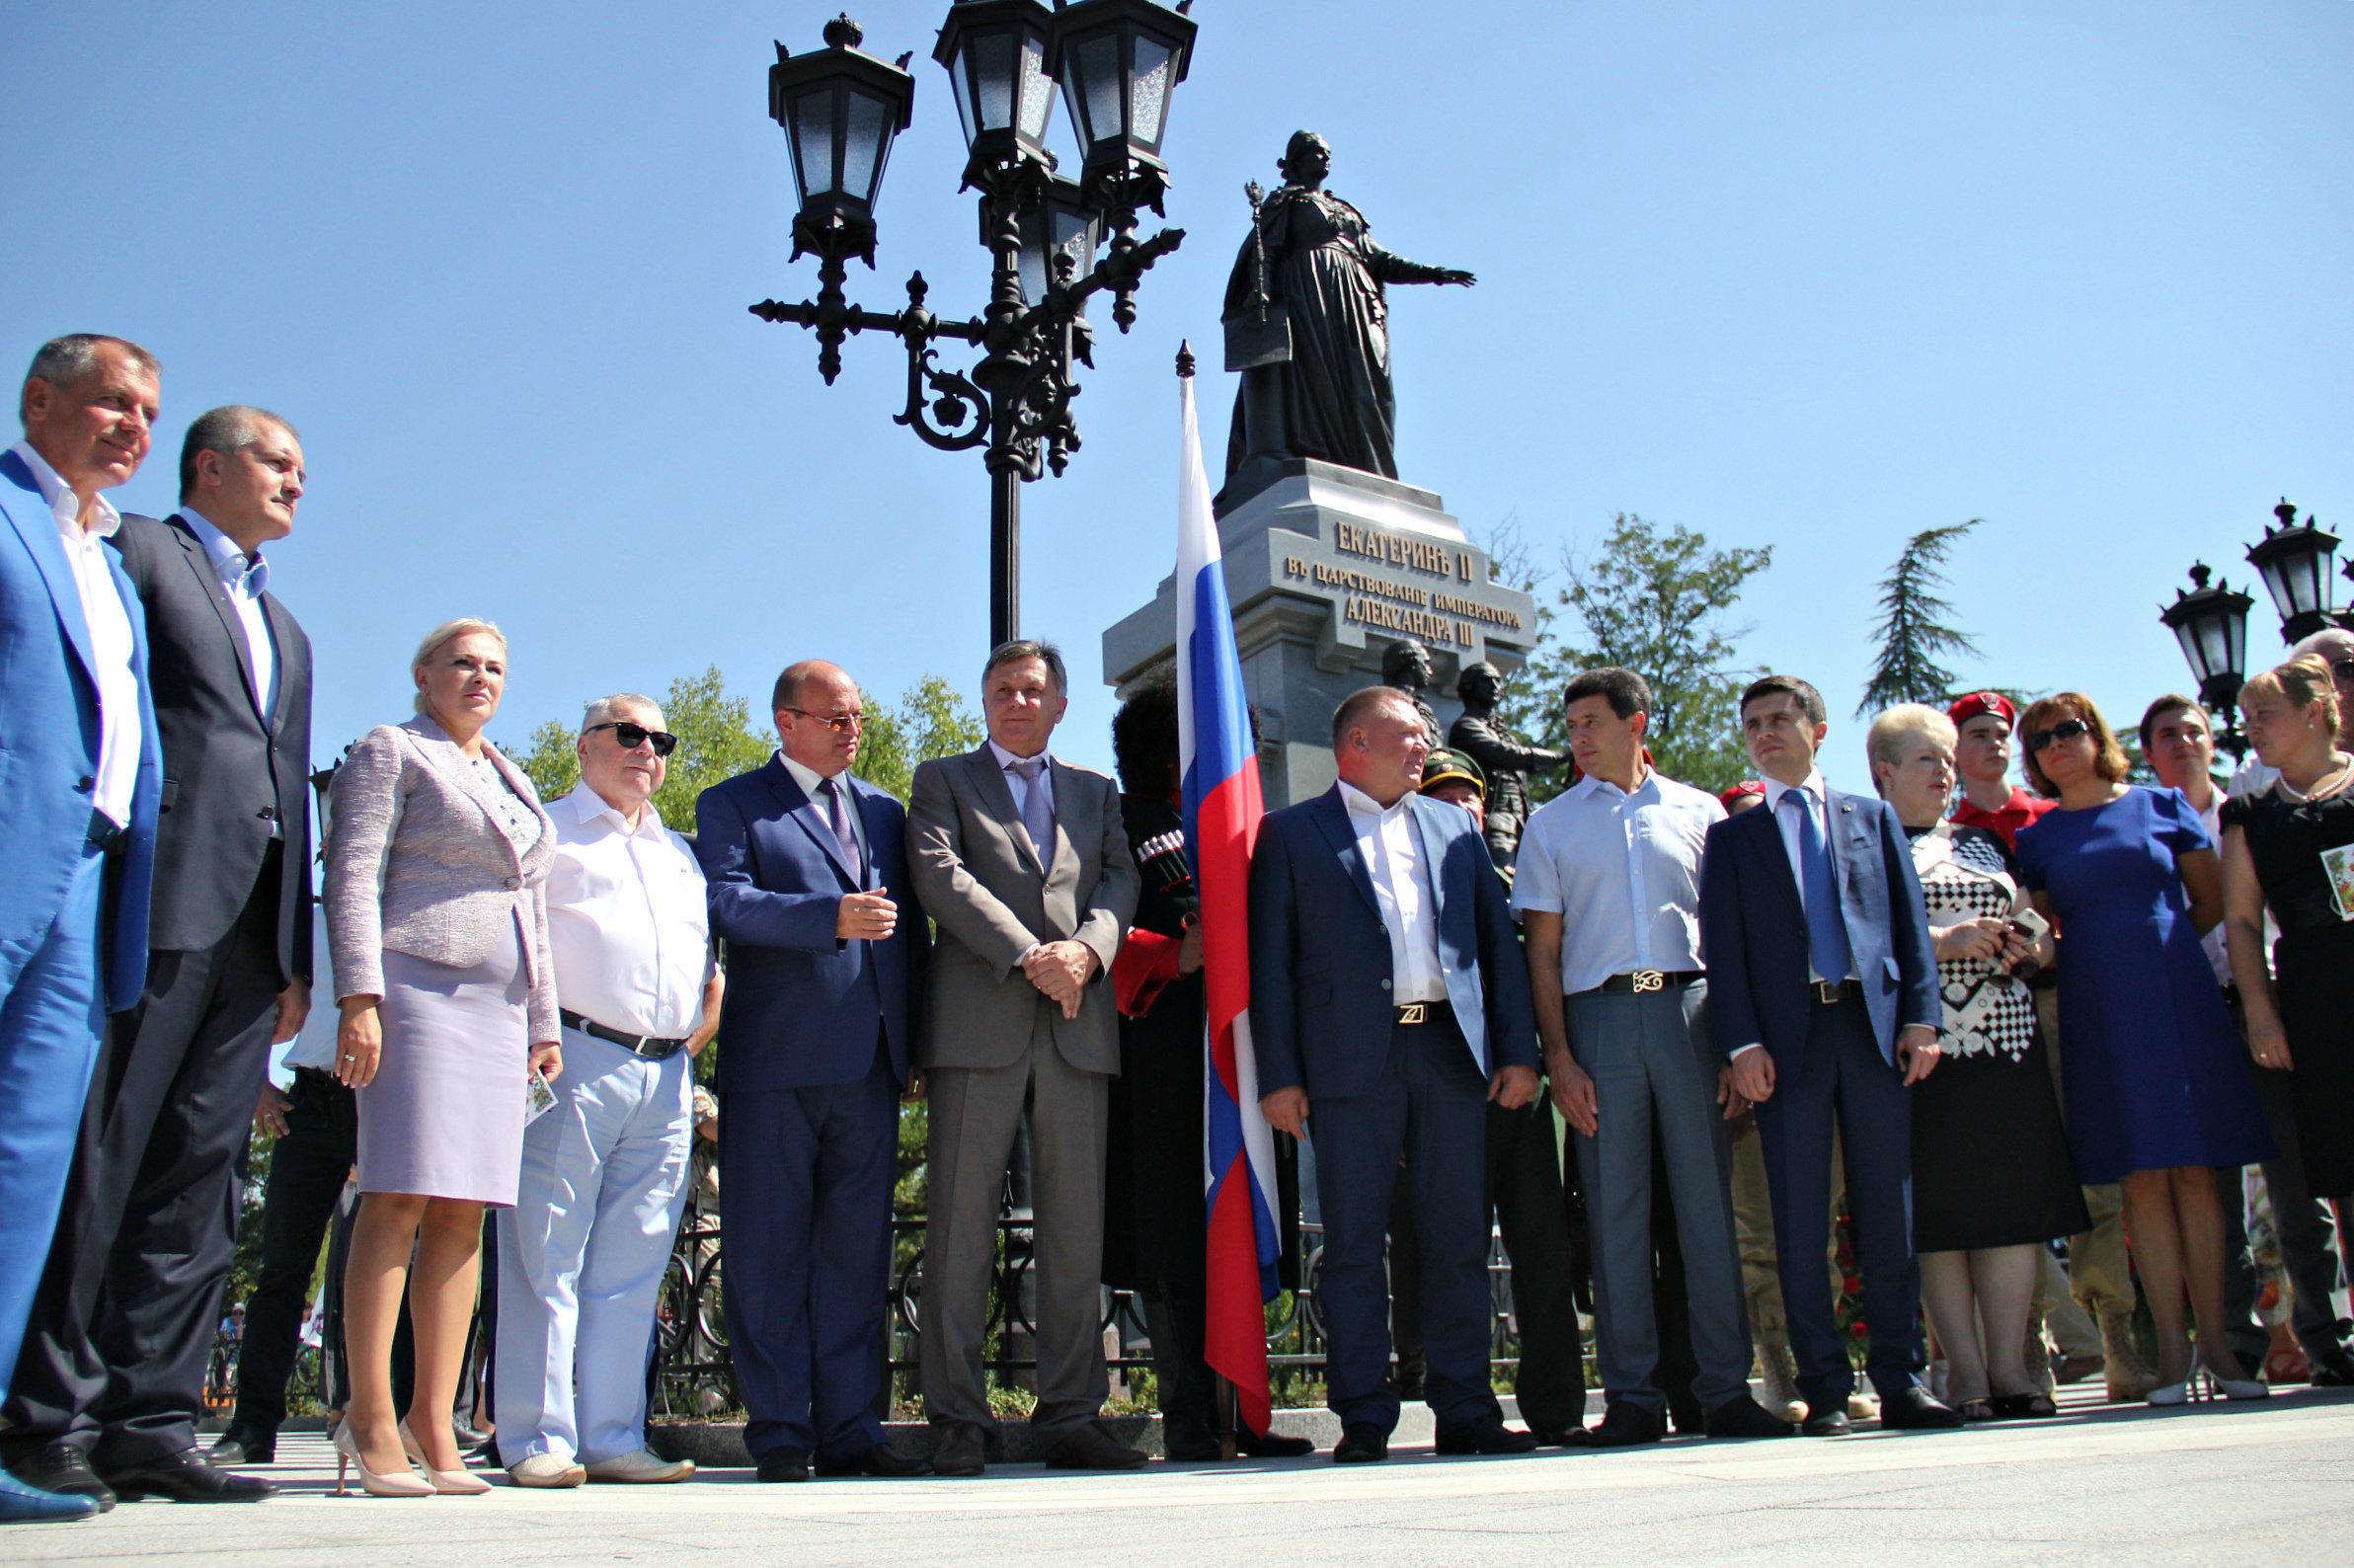 У Сімферополі відкрили пам'ятник Катерині ІІ - фото 3